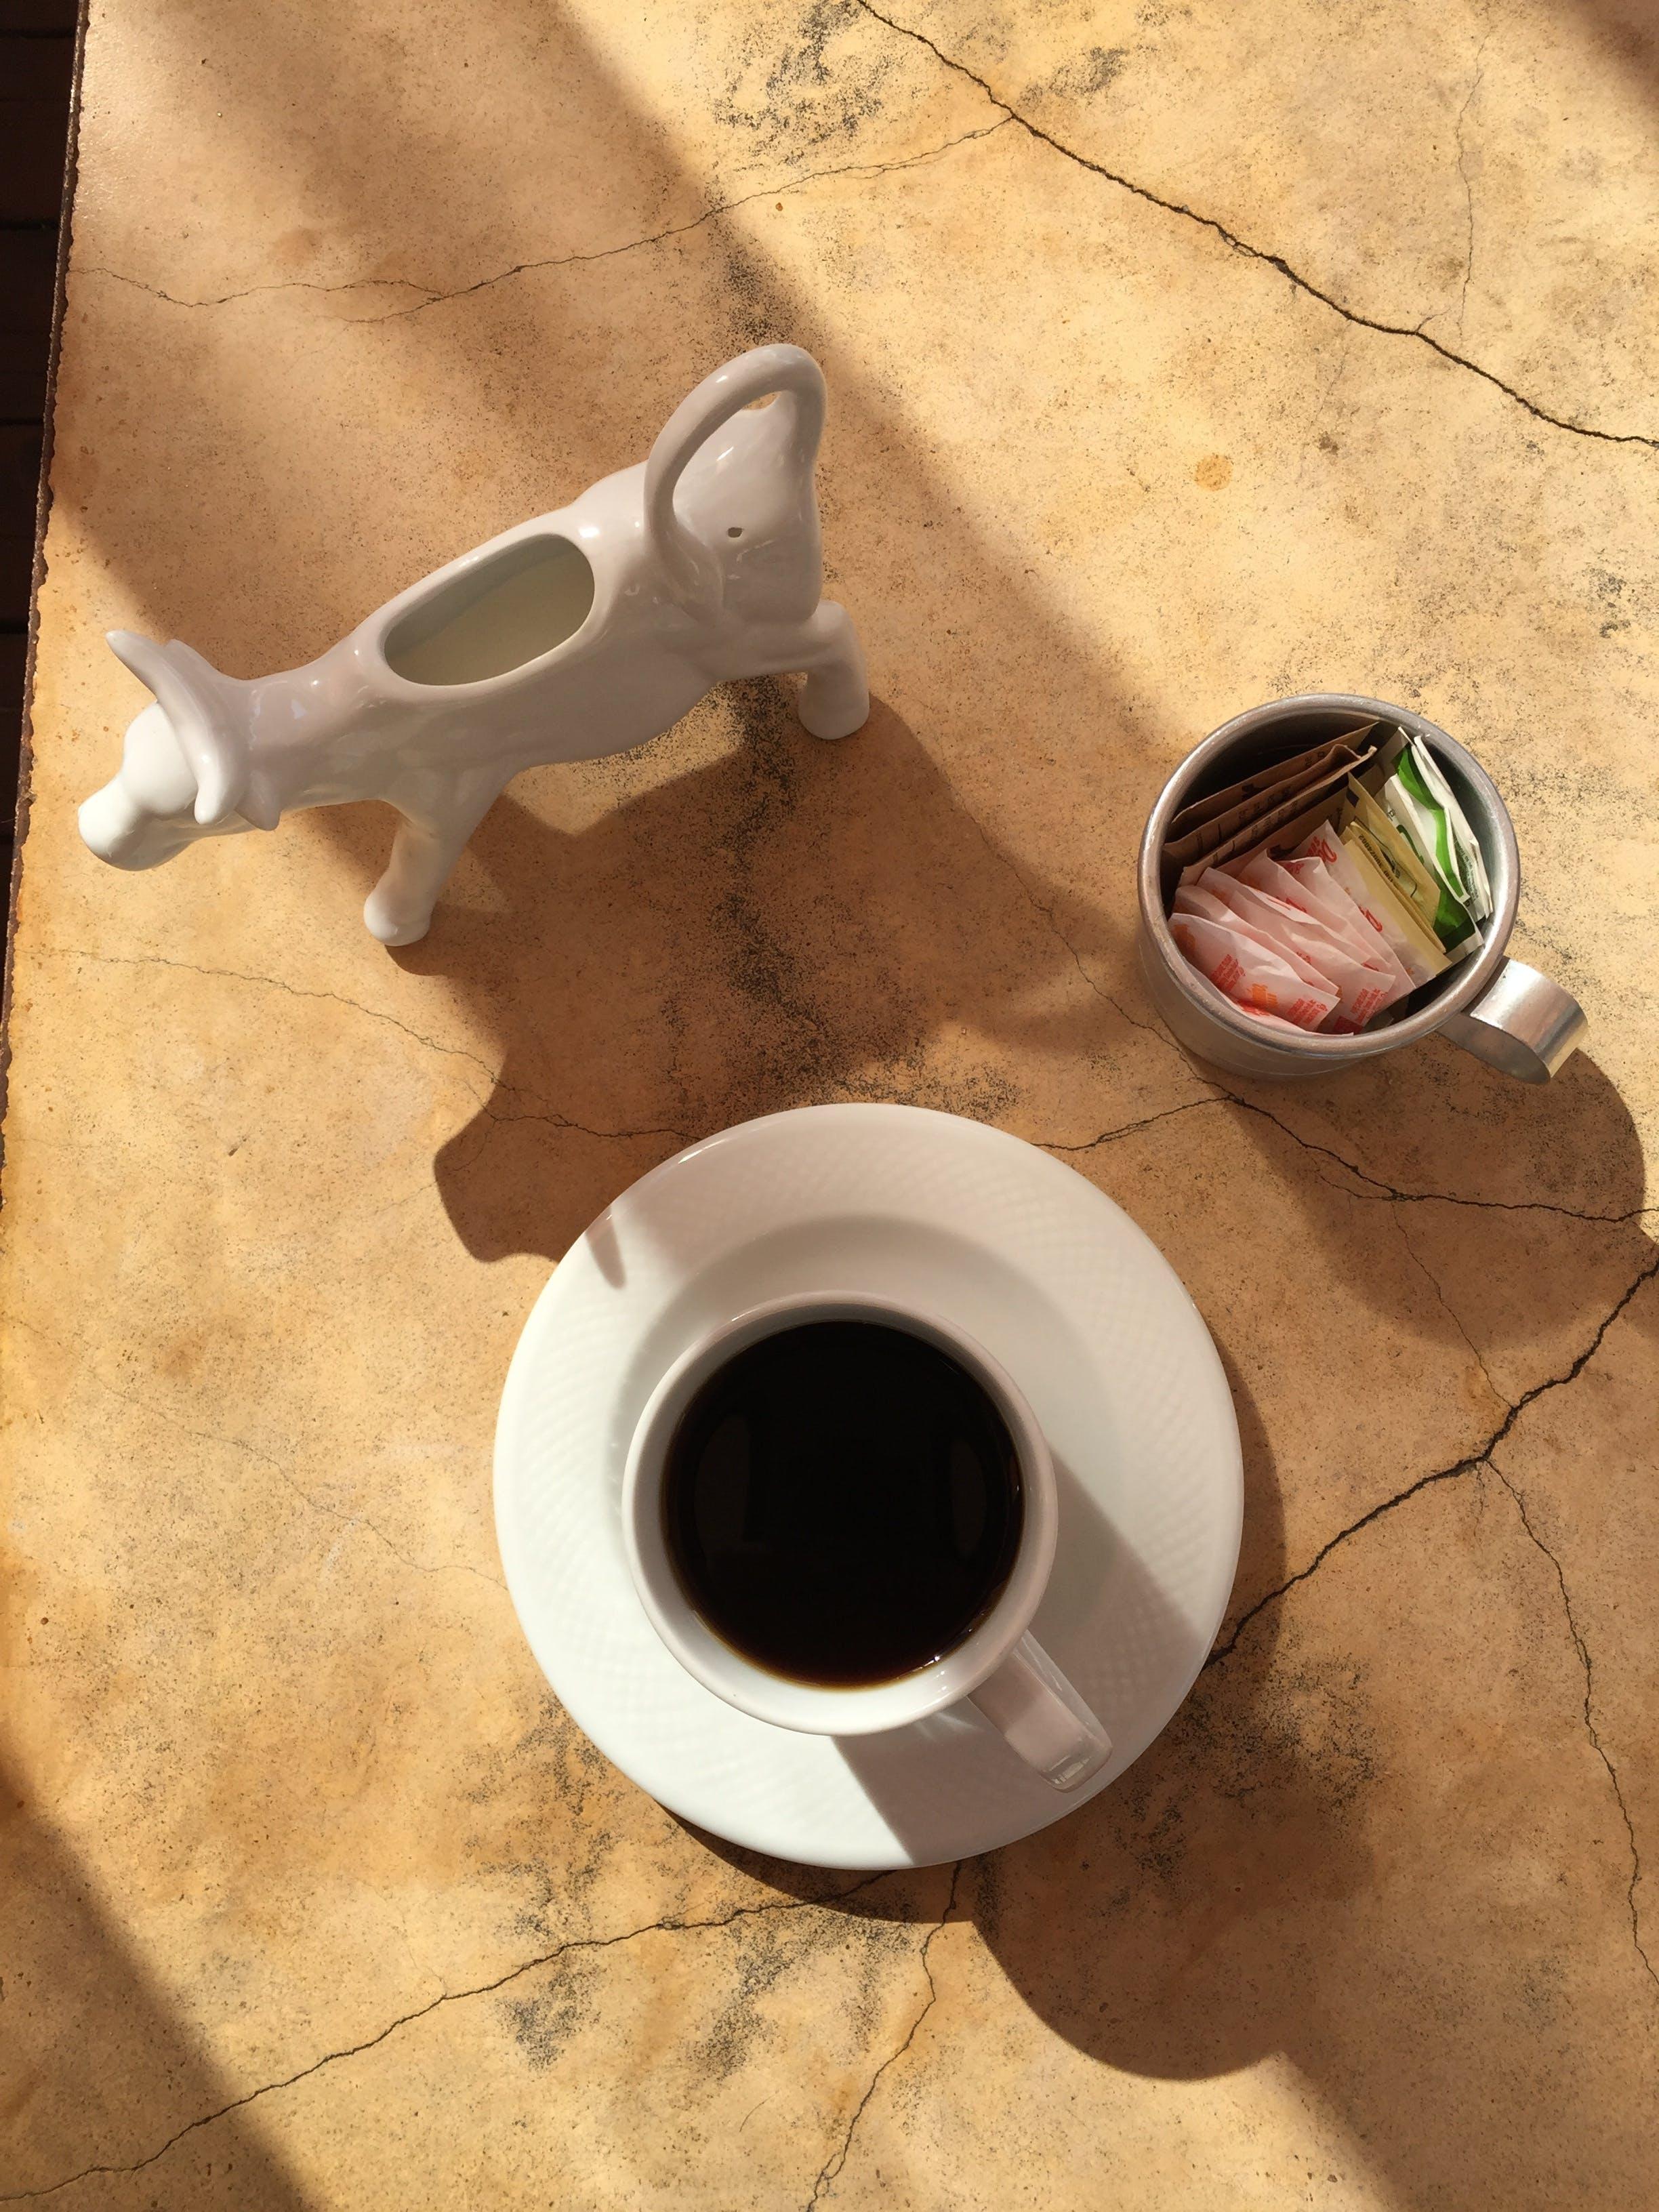 Kostenloses Stock Foto zu kaffee, morgen, sahne, tisch